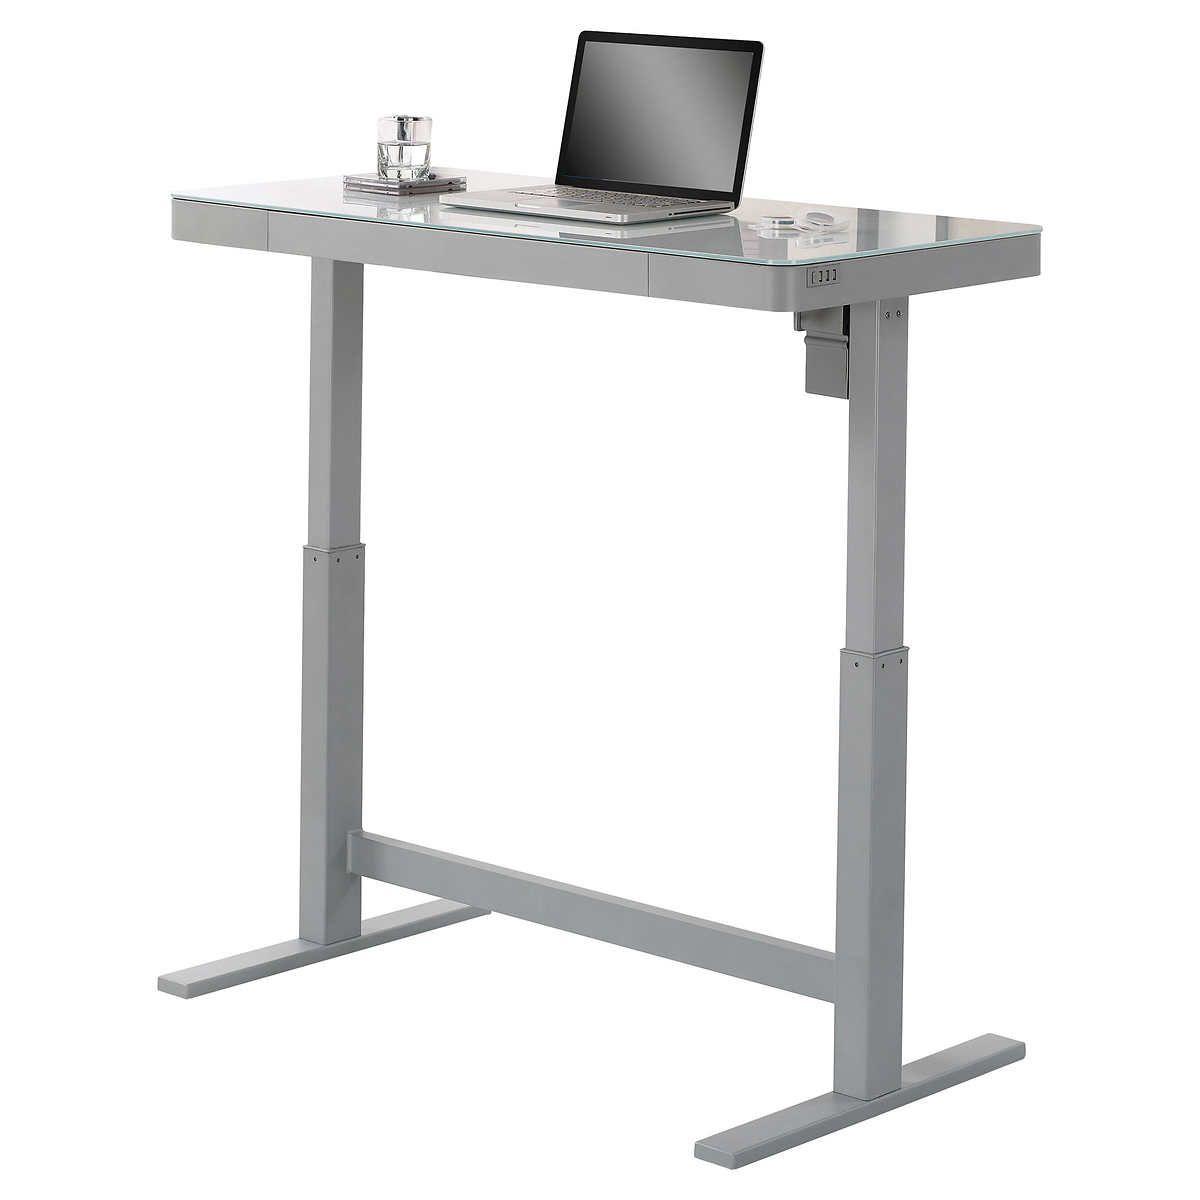 Tresanti Adjustable Desk In 2020 Adjustable Height Desk Adjustable Desk Desk